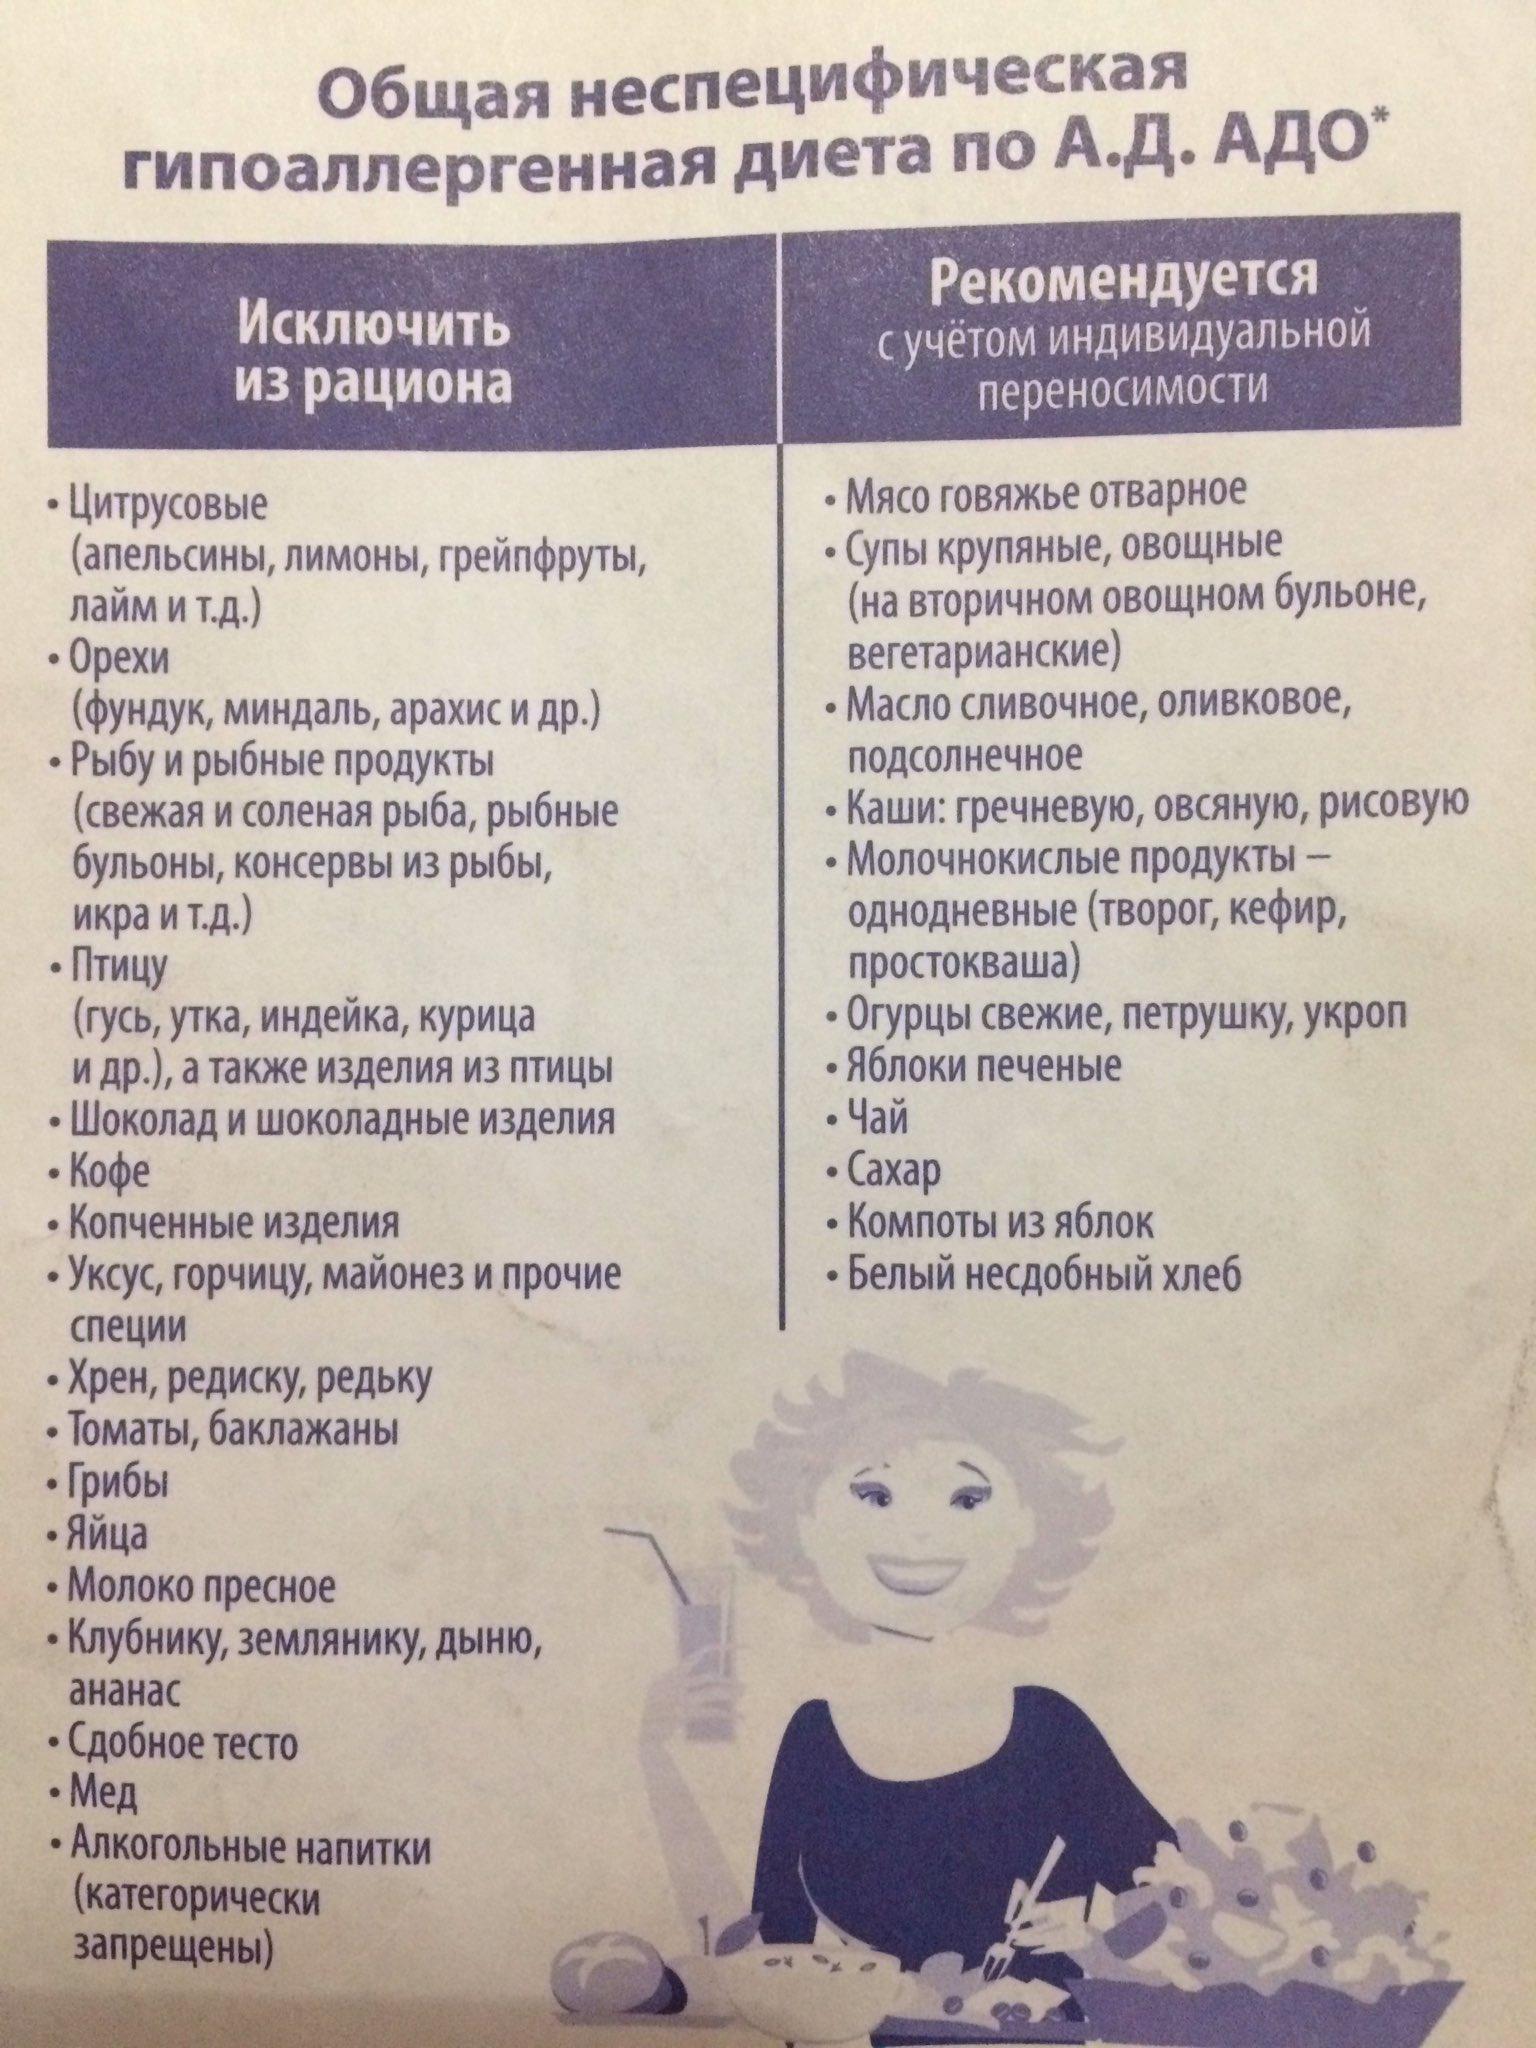 Картинки по гипоаллергенной диете